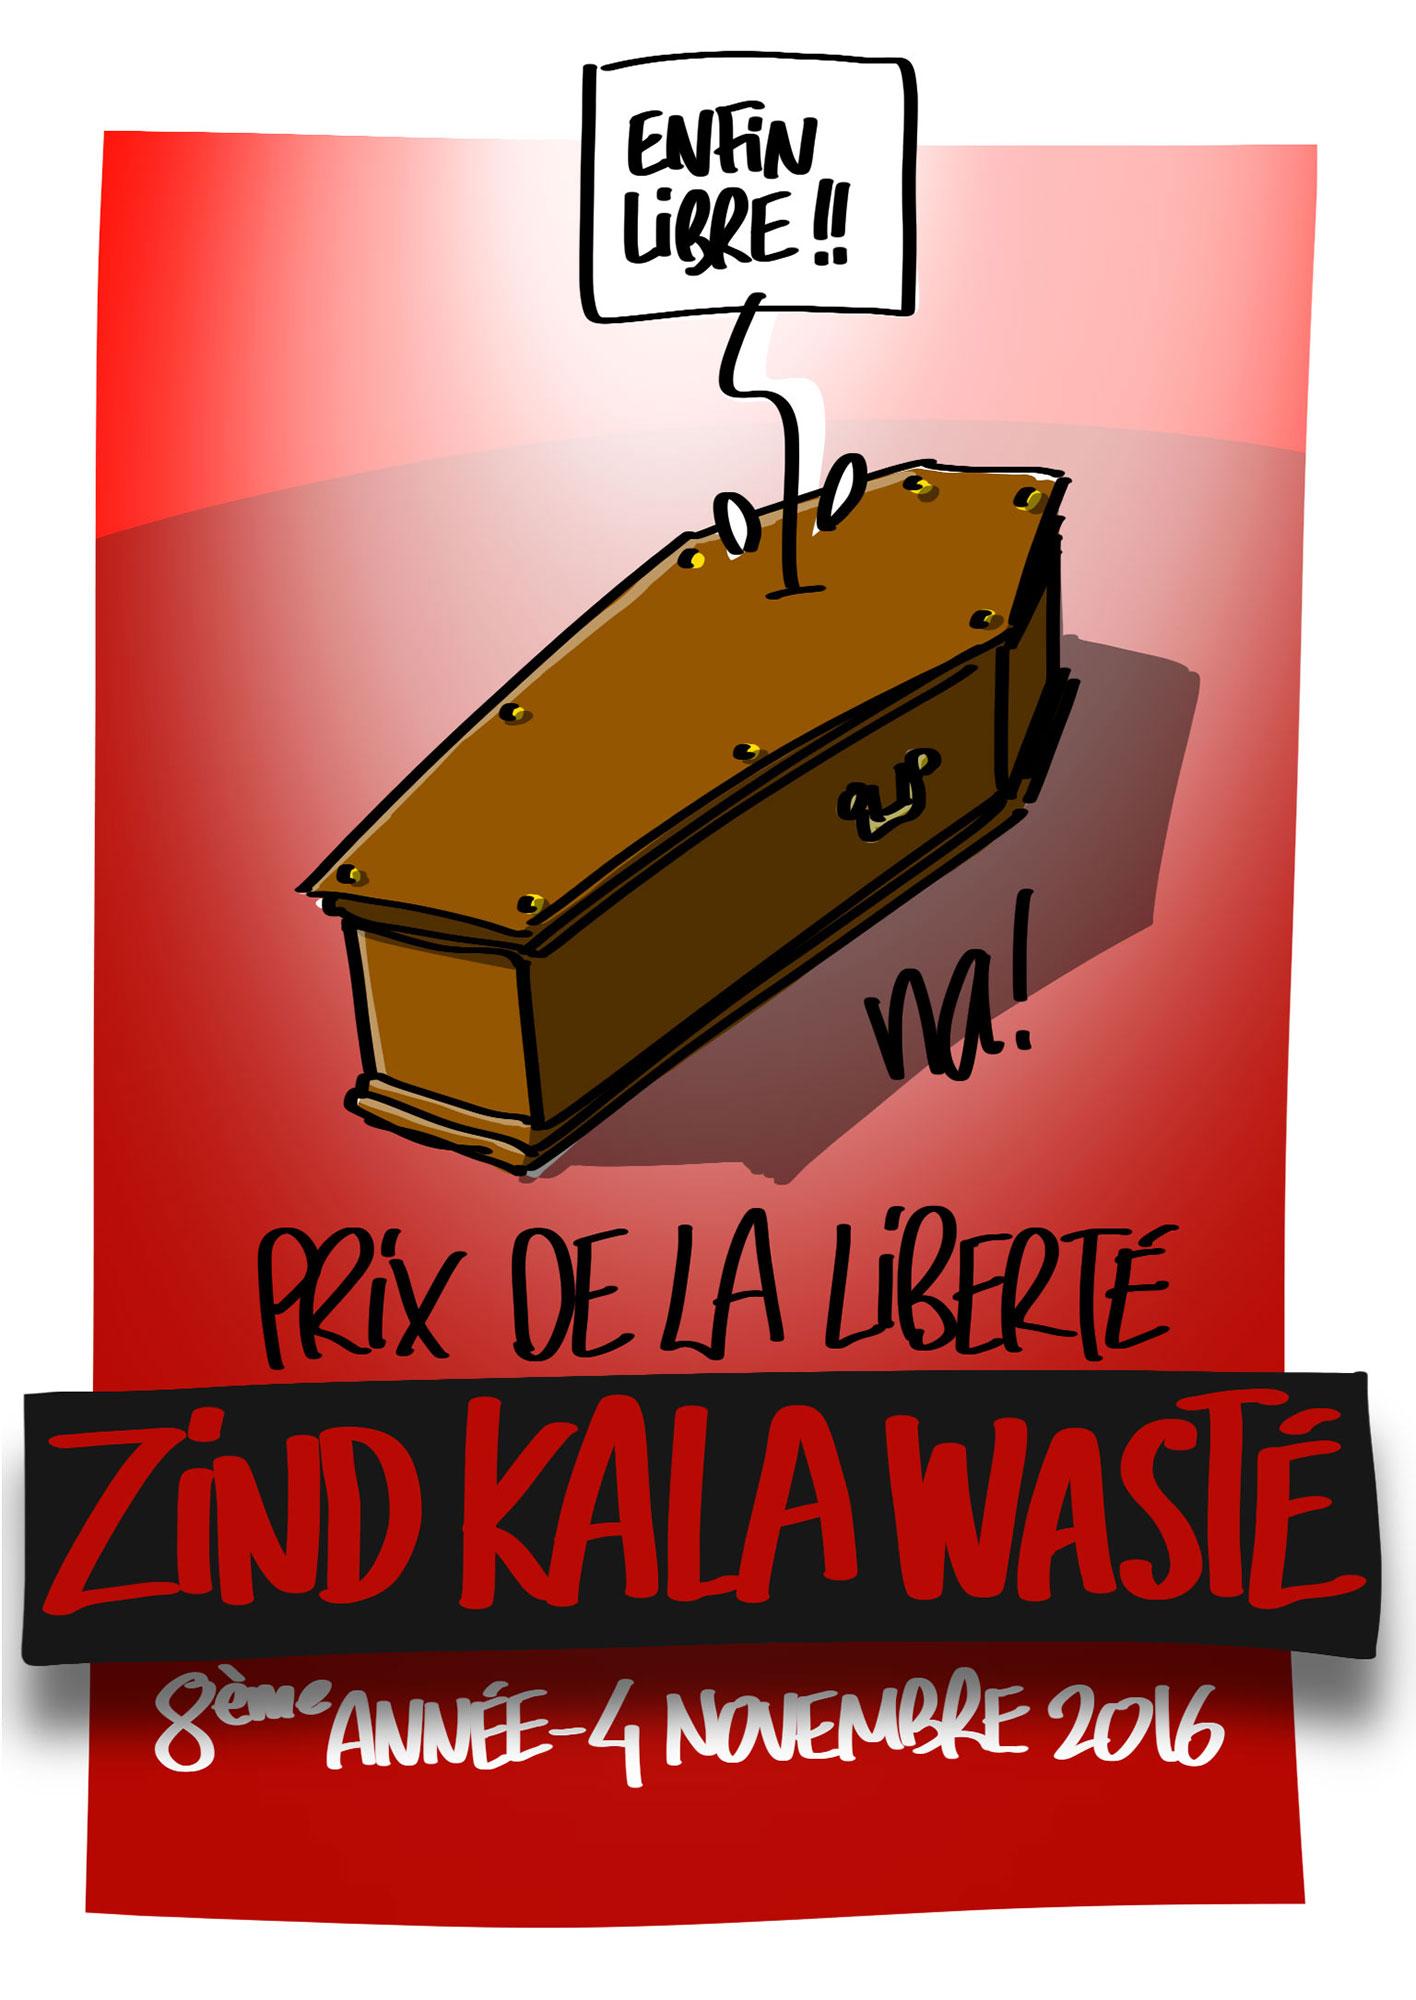 Zind-Kala-Waste